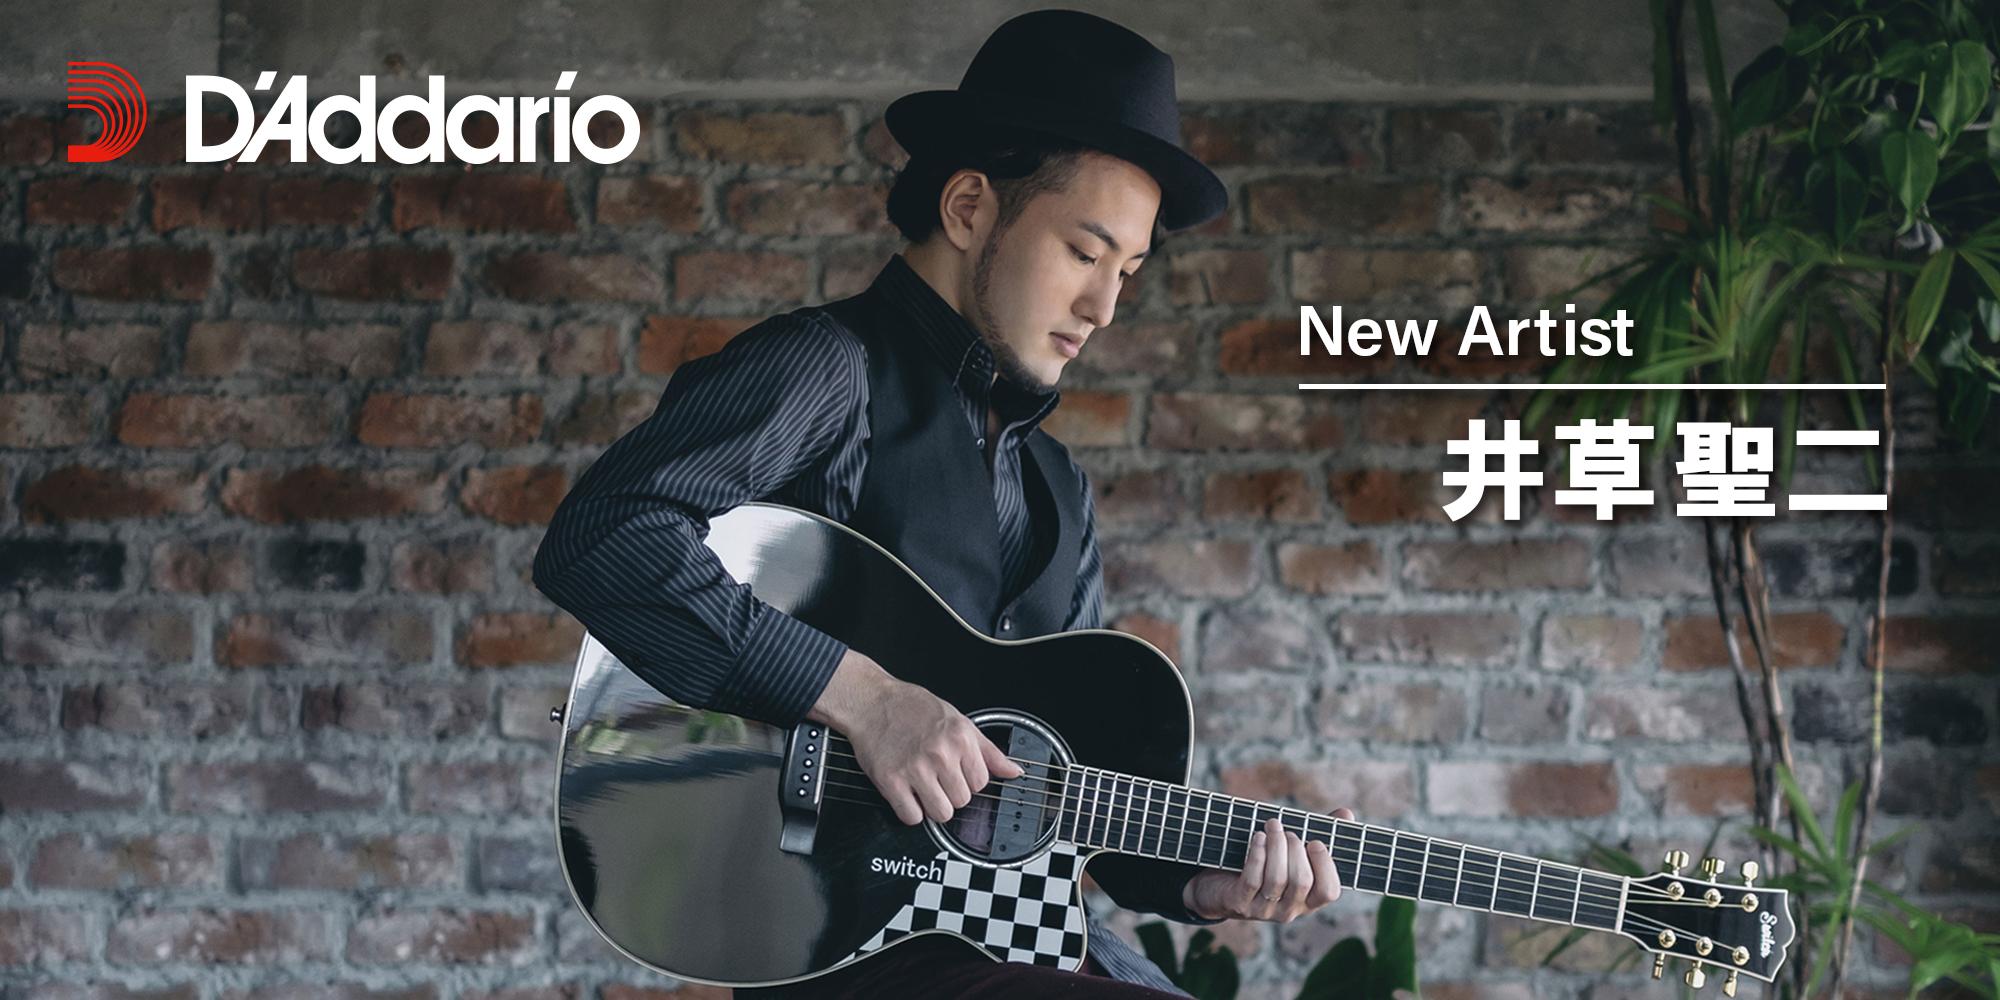 ギタリストの井草聖二さんがD'Addarioアーティストに加わりました!